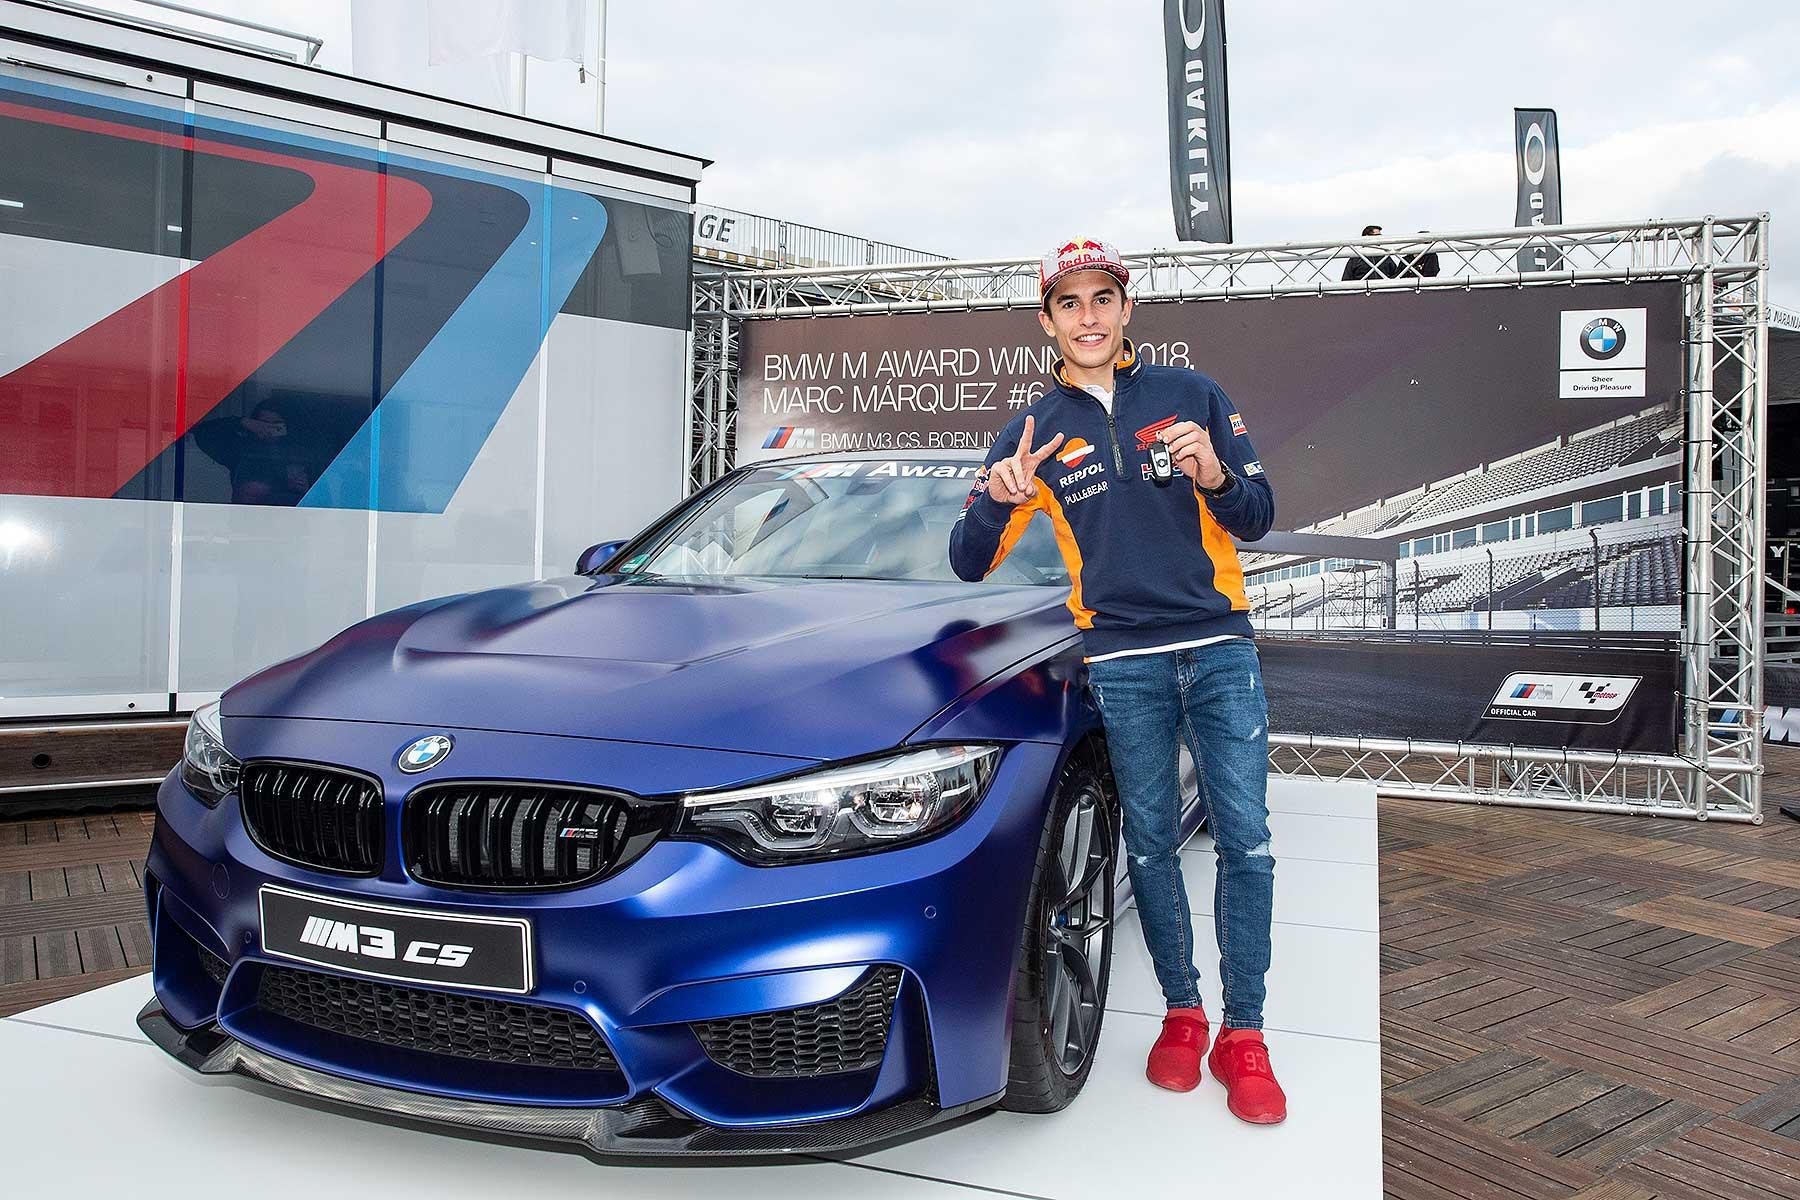 MotoGP's Marc Marquez wins a BMW M3 CS